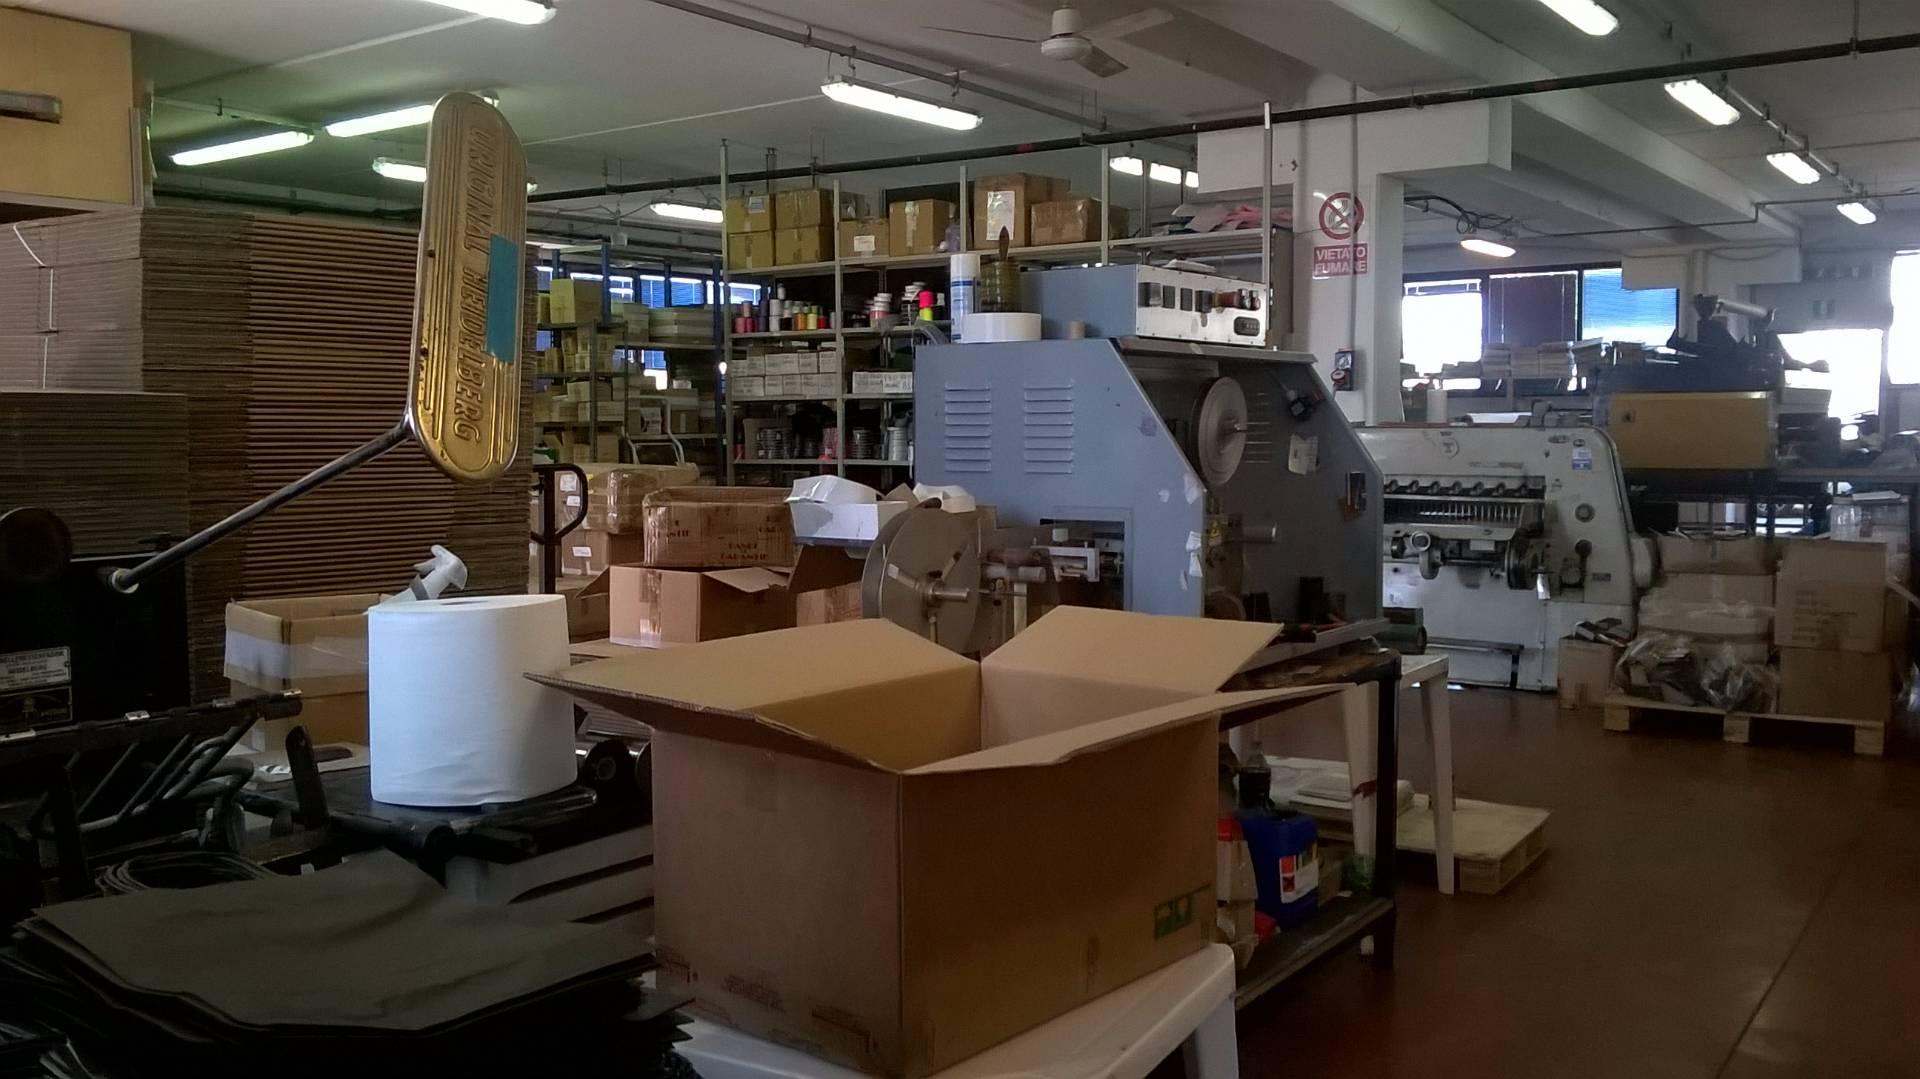 Laboratorio in vendita a Pisa, 9999 locali, zona Zona: Ospedaletto, prezzo € 1.000.000 | Cambio Casa.it